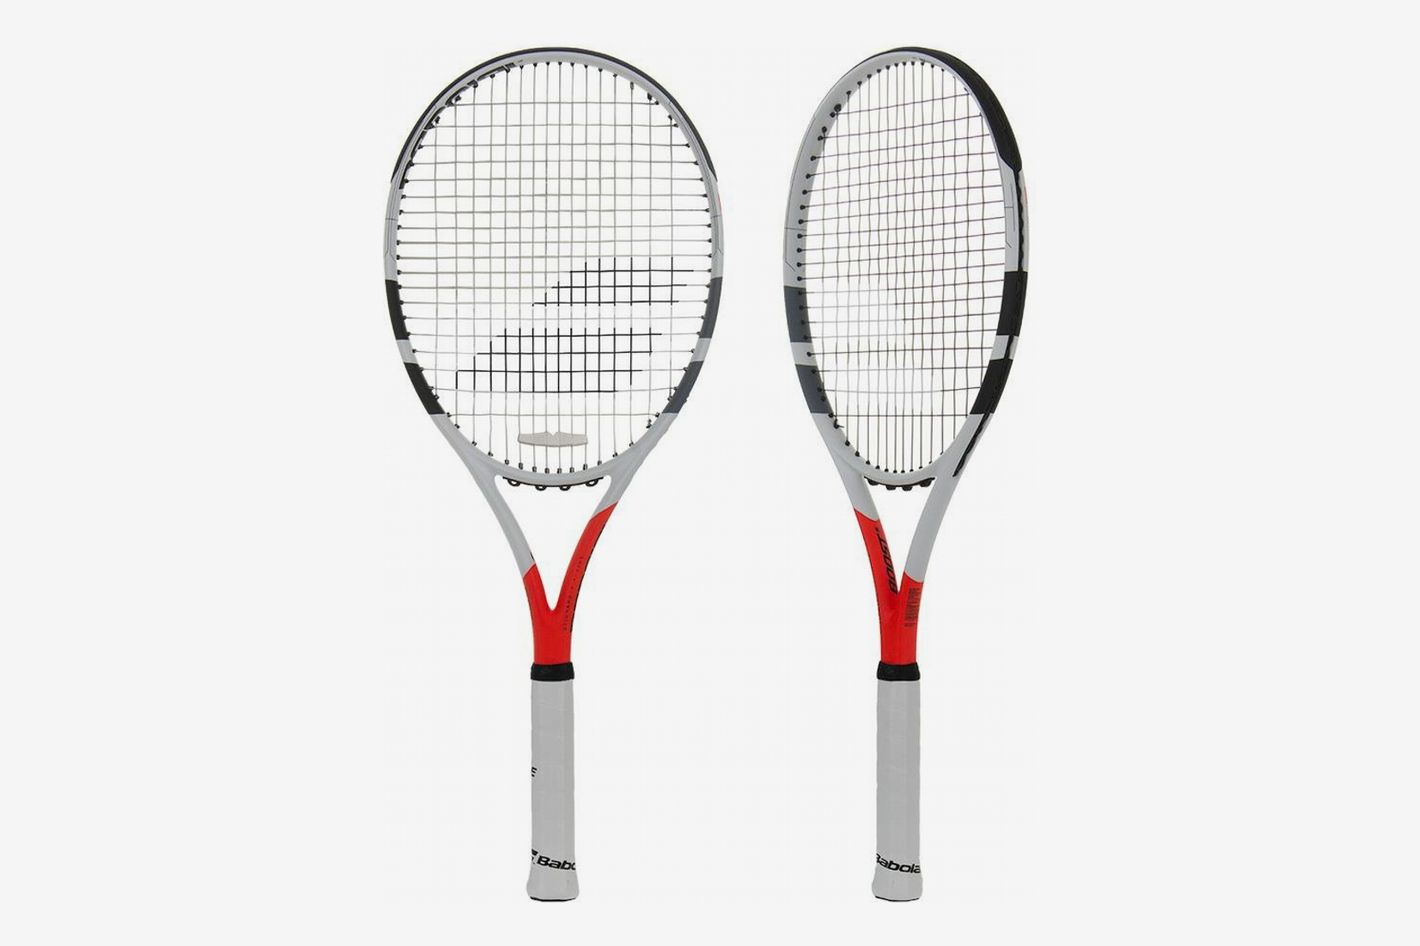 Best Beginner Tennis Rackets 2019